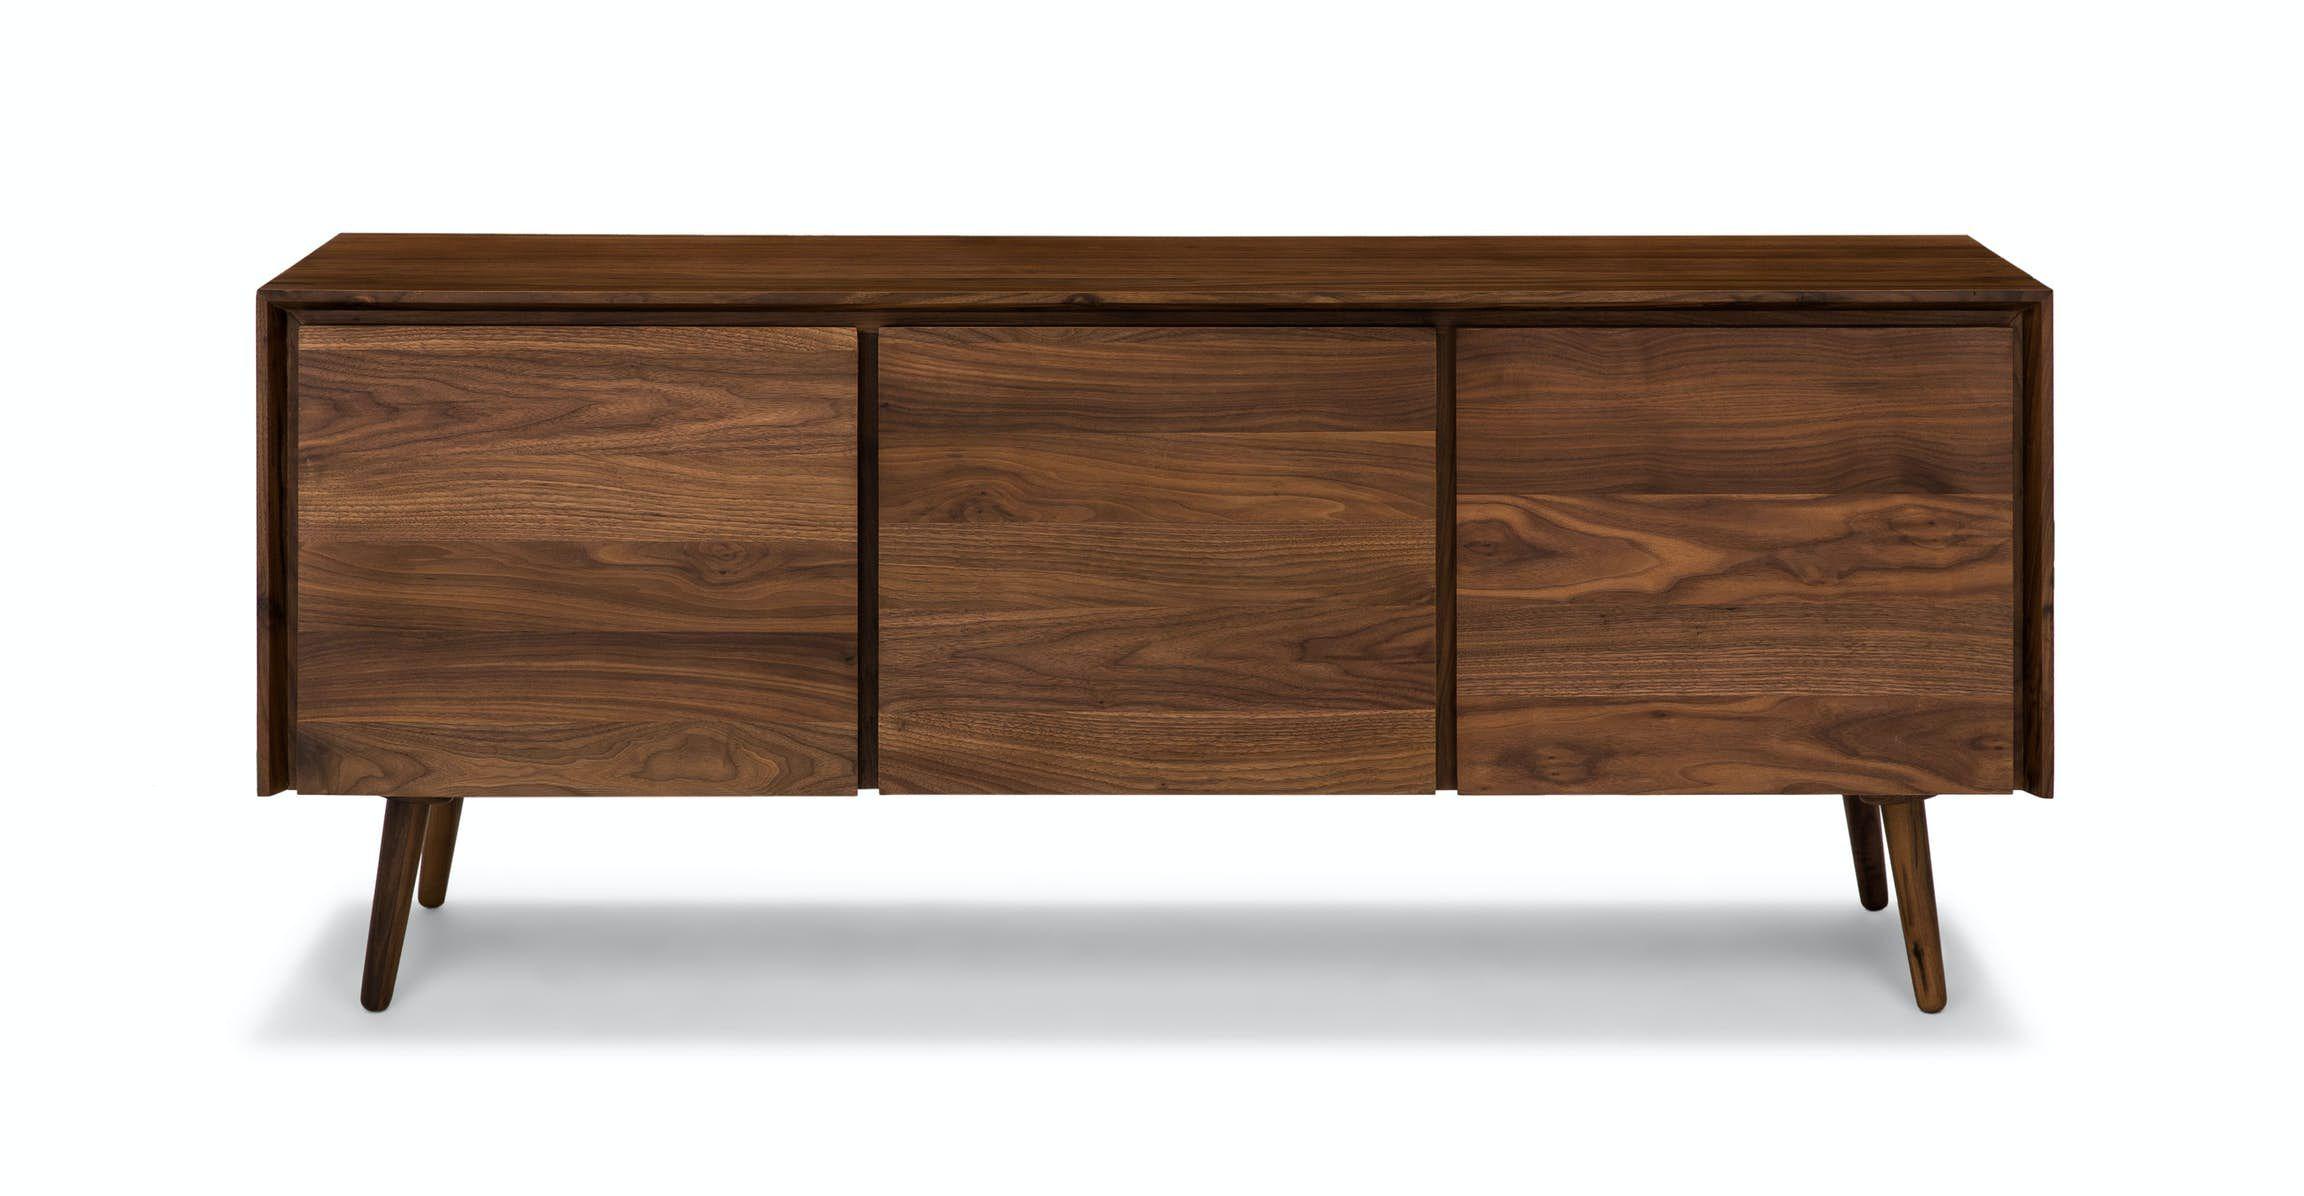 71 Black Walnut Sideboard Buffet Table Envelo Article In 2020 Modern Sideboard Scandinavian Furniture Sideboard Walnut Sideboard